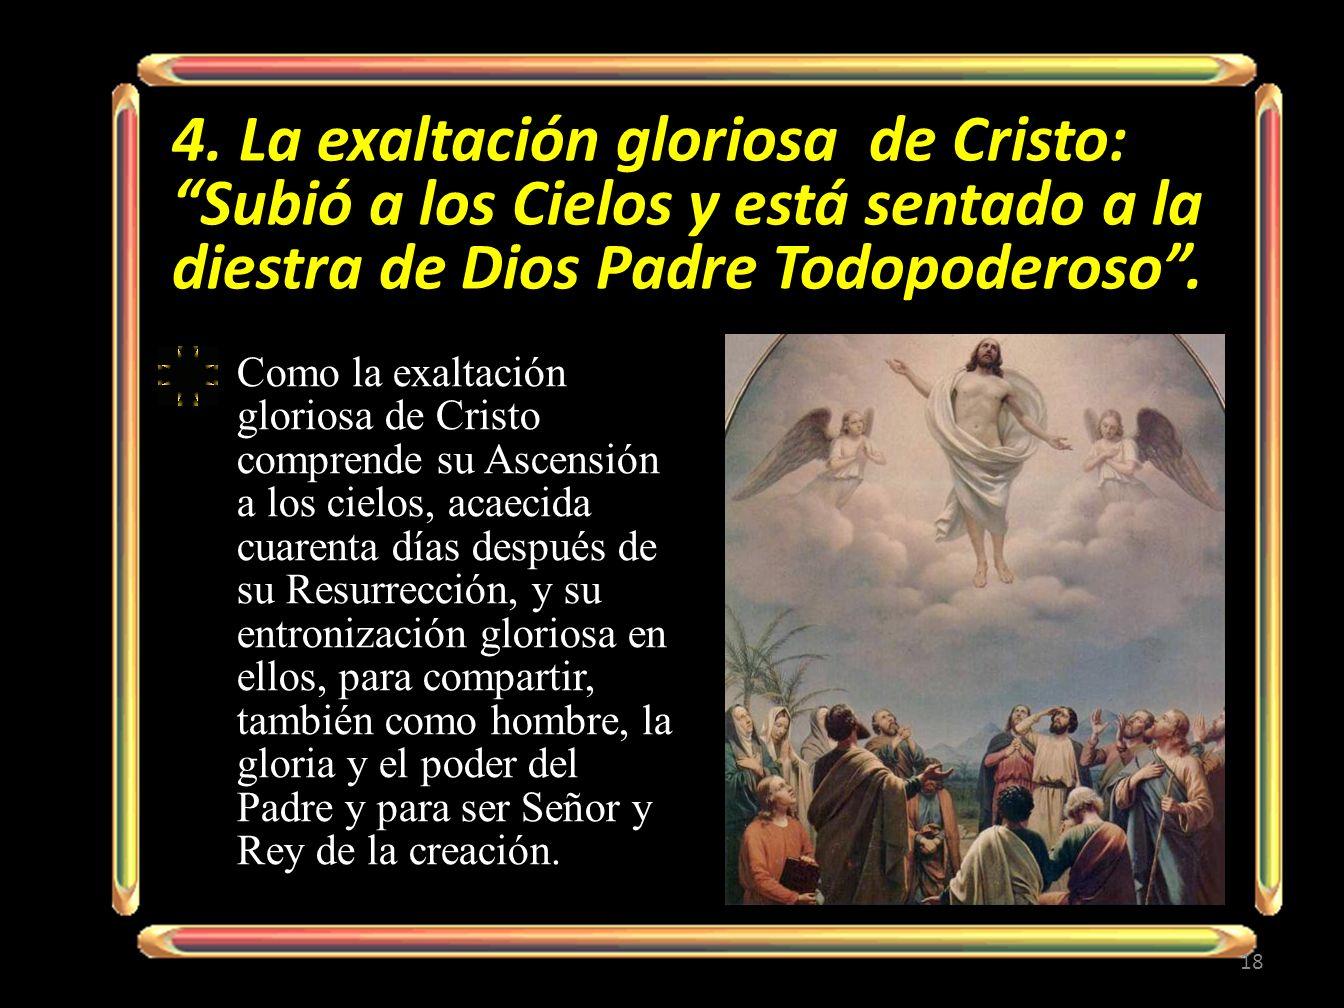 4. La exaltación gloriosa de Cristo: Subió a los Cielos y está sentado a la diestra de Dios Padre Todopoderoso. Como la exaltación gloriosa de Cristo